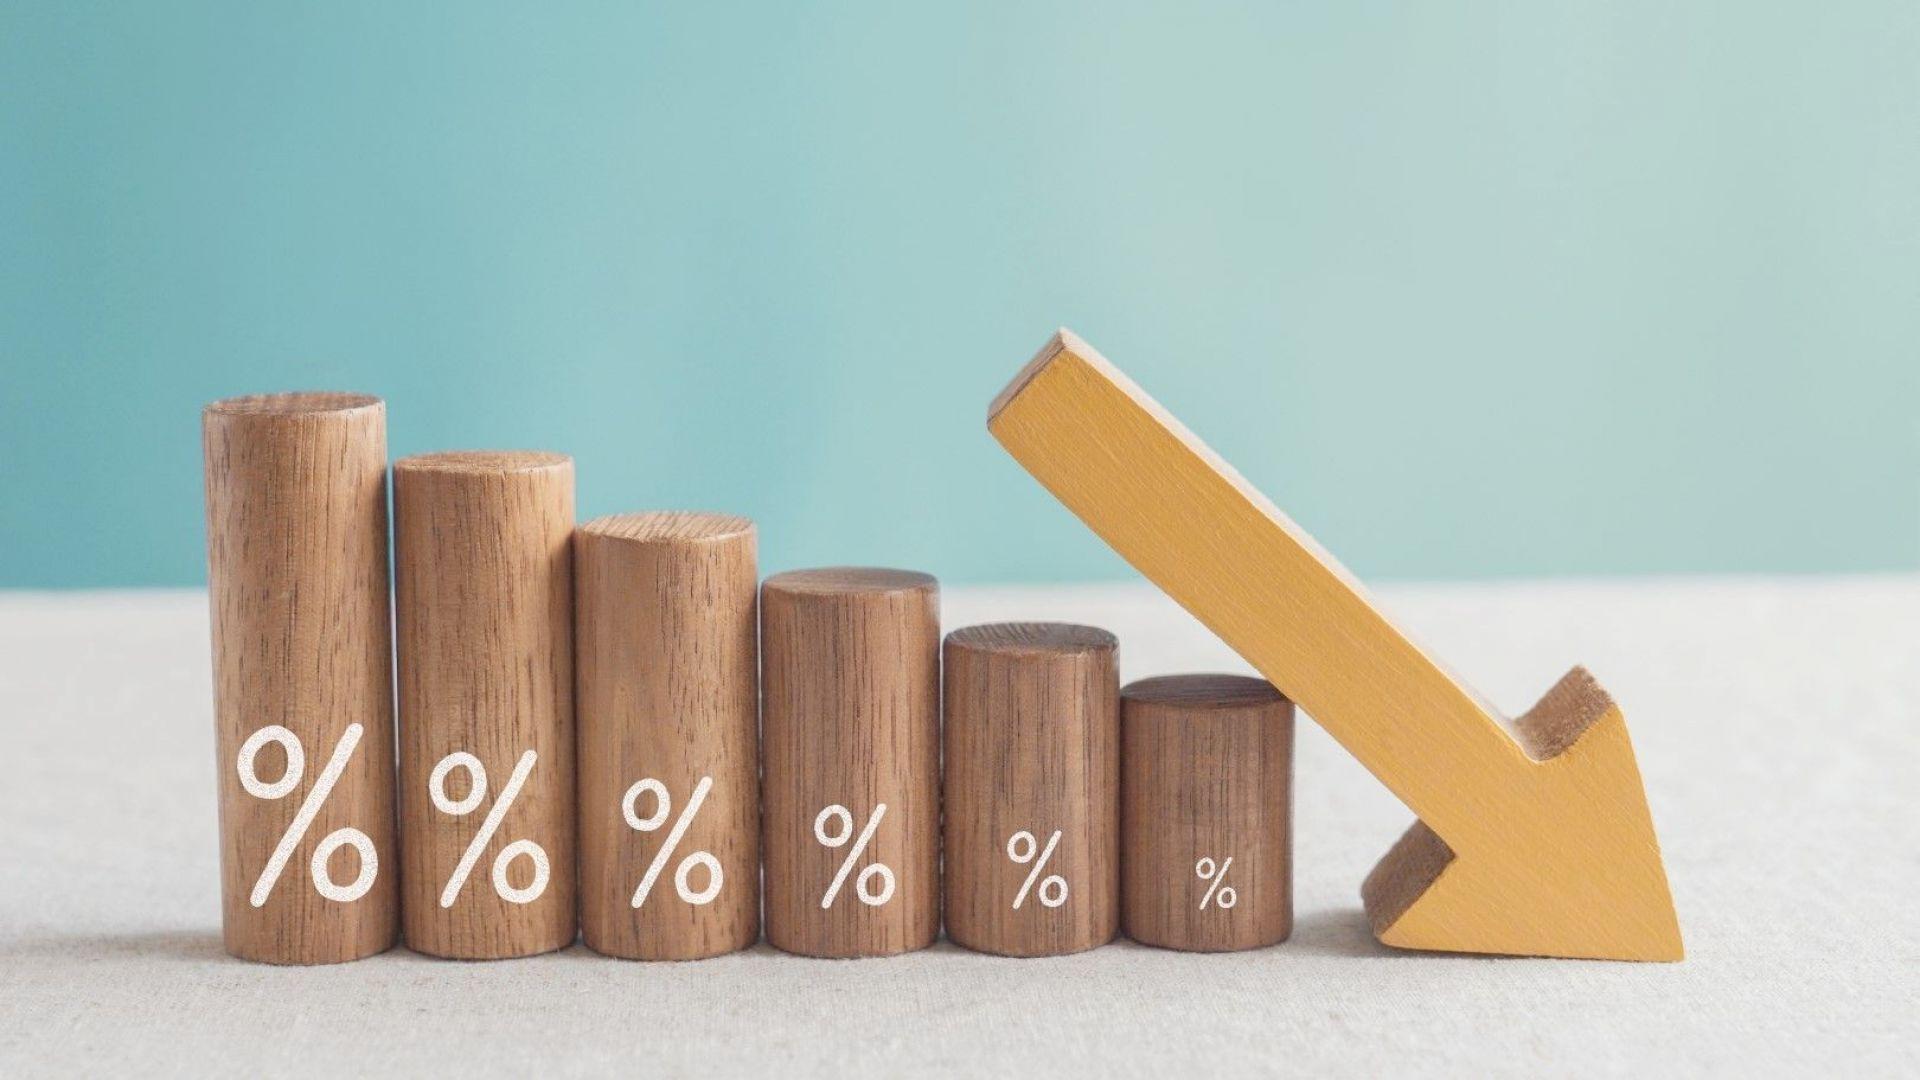 Инфлацията буди безпокойство, но централната банка на САЩ ще потвърди курса  на ниски лихви